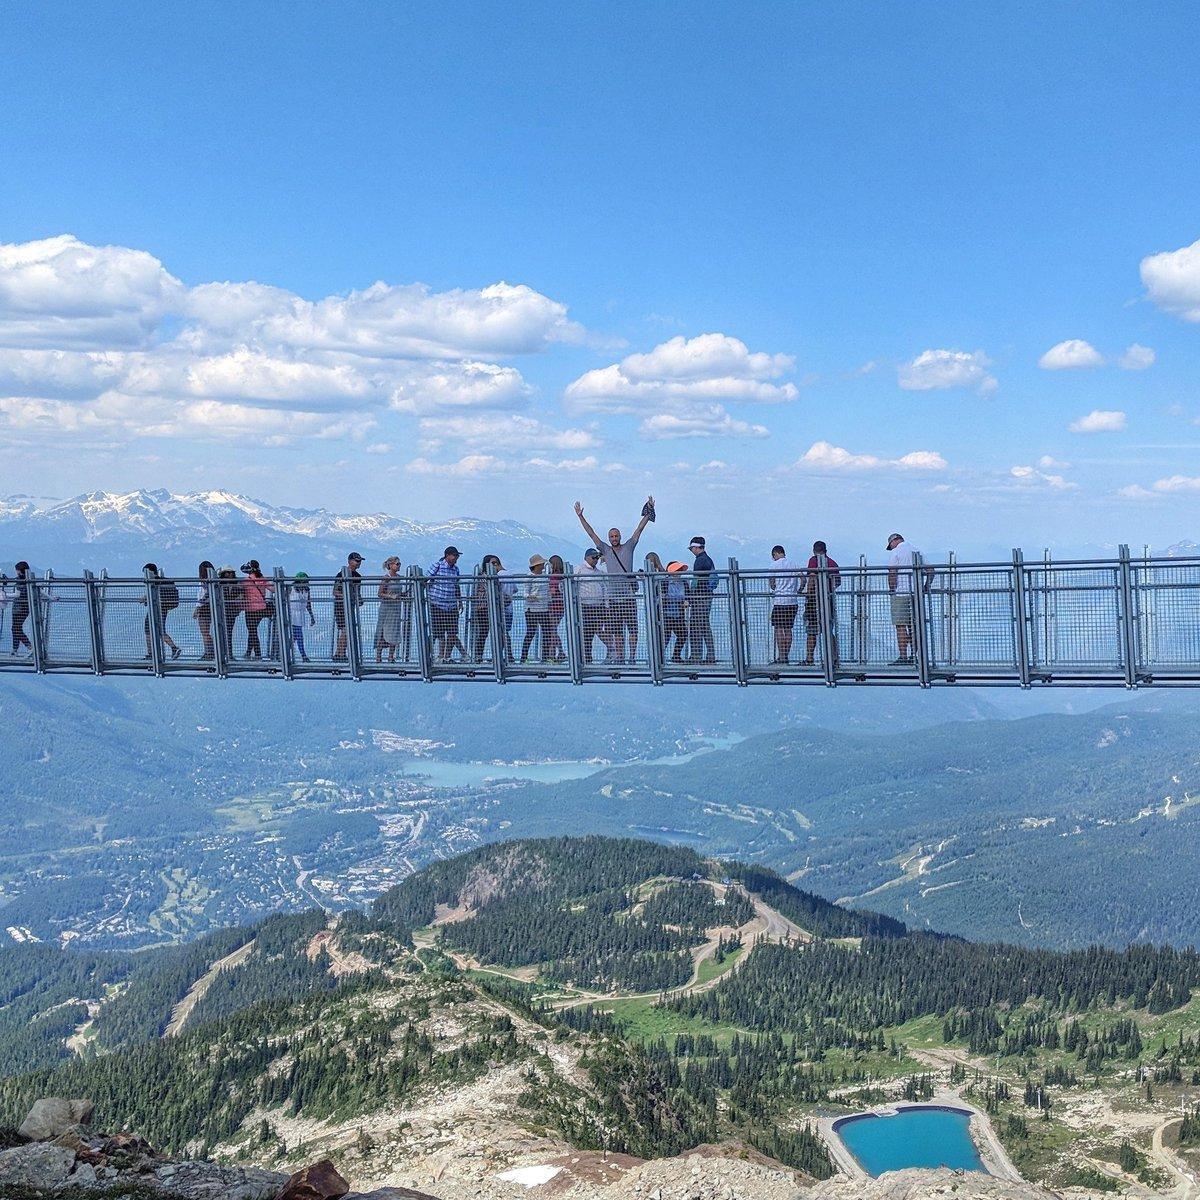 一览众山小!吉诺比利登上惠斯勒峰顶吊桥